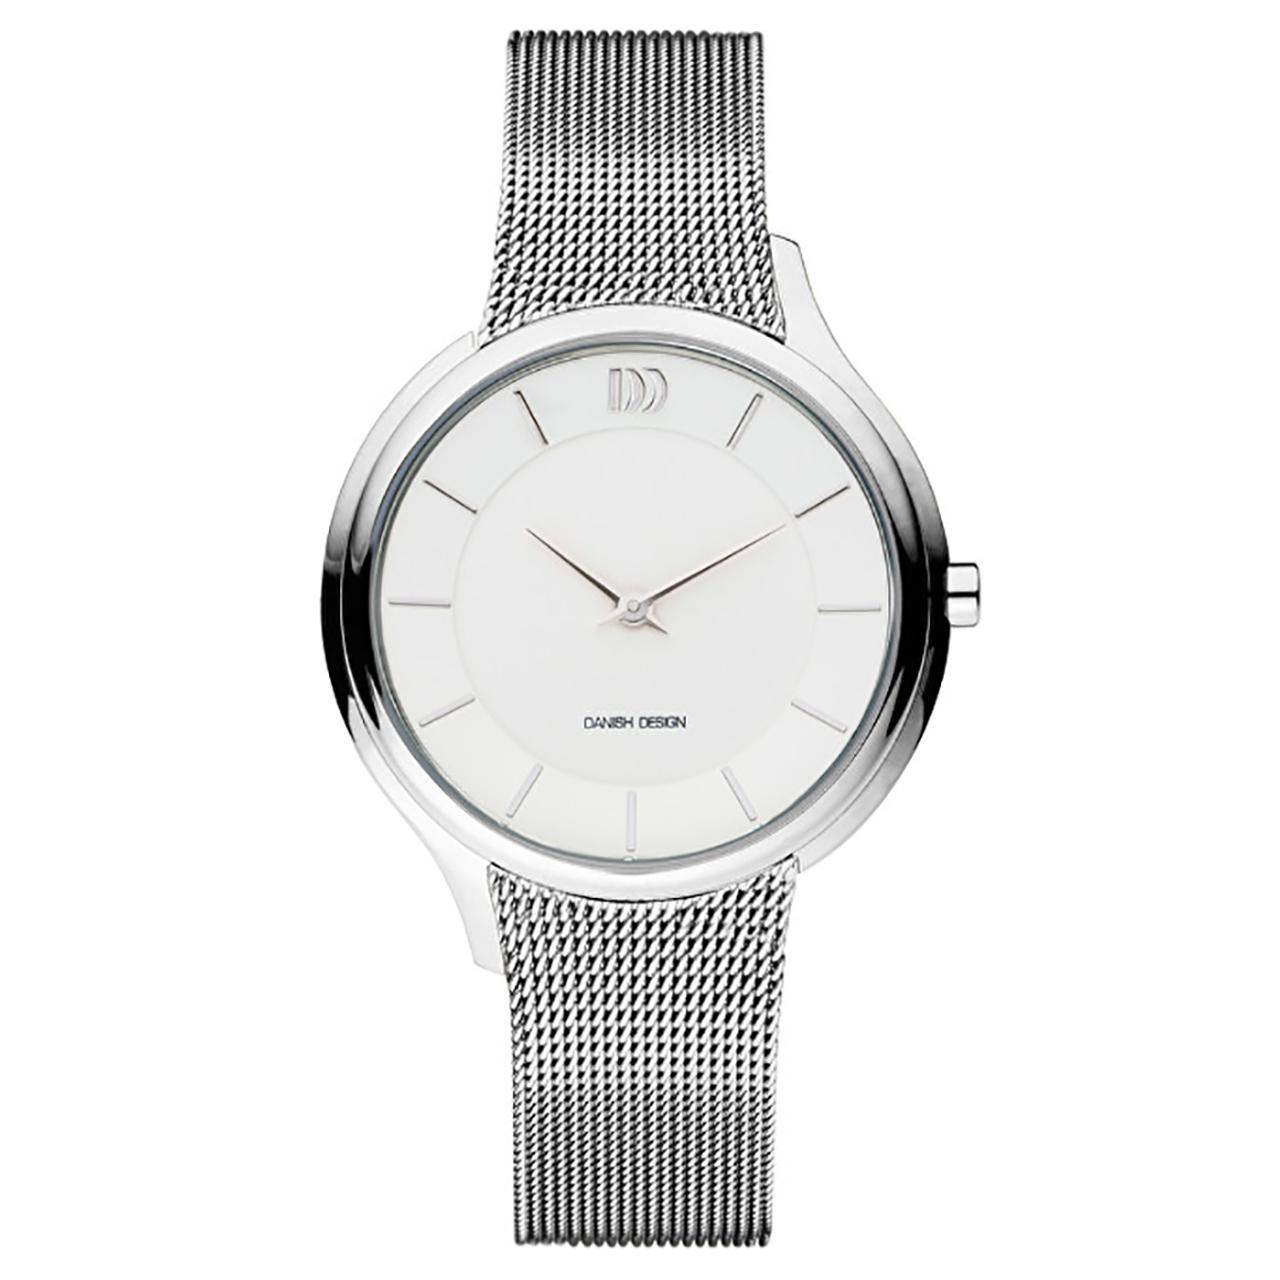 ساعت مچی عقربه ای زنانه دنیش دیزاین مدل IV62Q1194 12